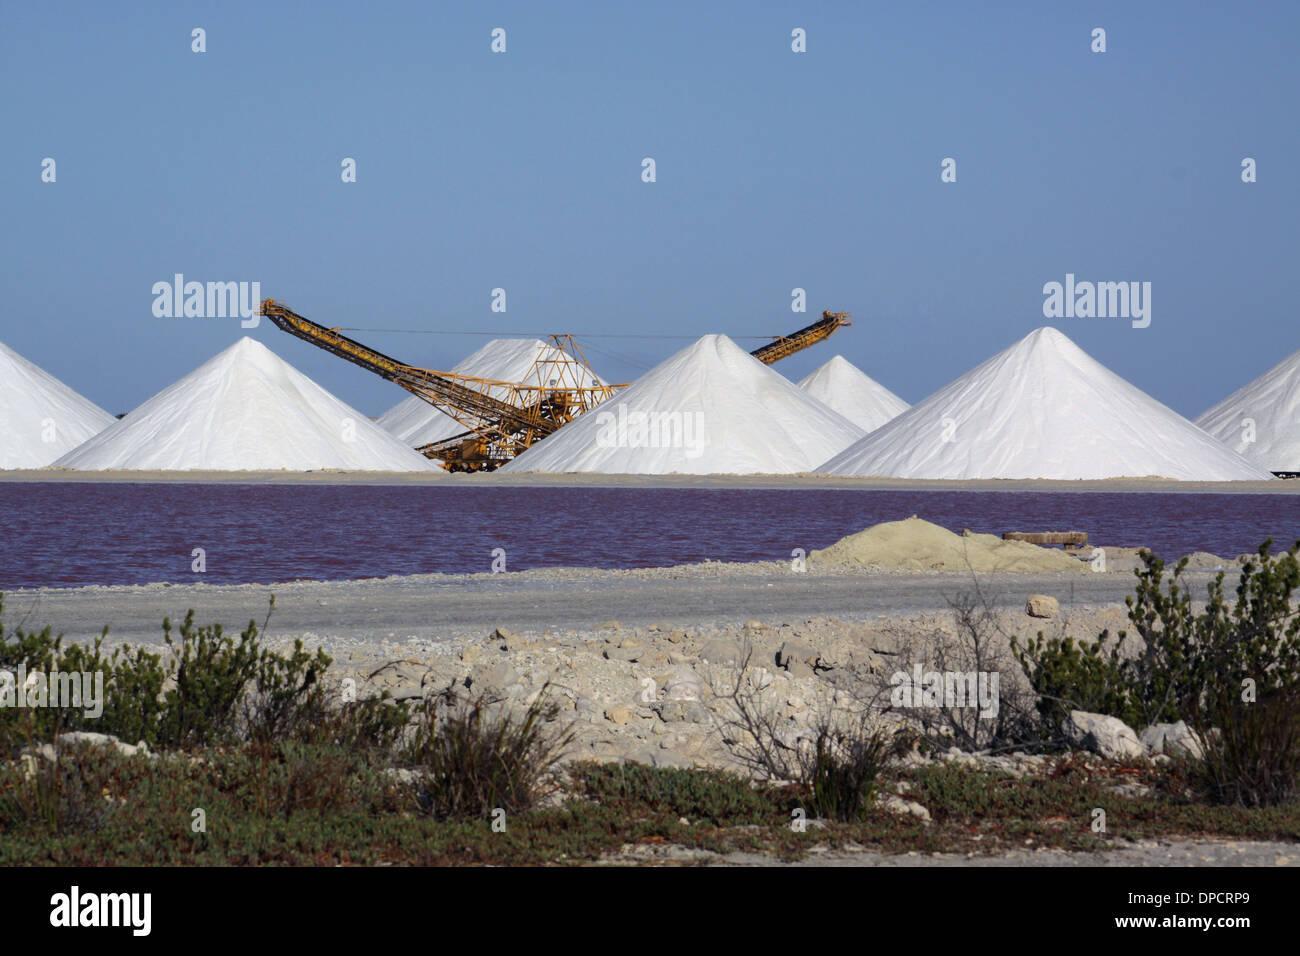 Montones de Sal en el funcionamiento de sal en la isla de Bonaire. Los lagos de sal rosa puede ser visto delante de los montones de sal Imagen De Stock